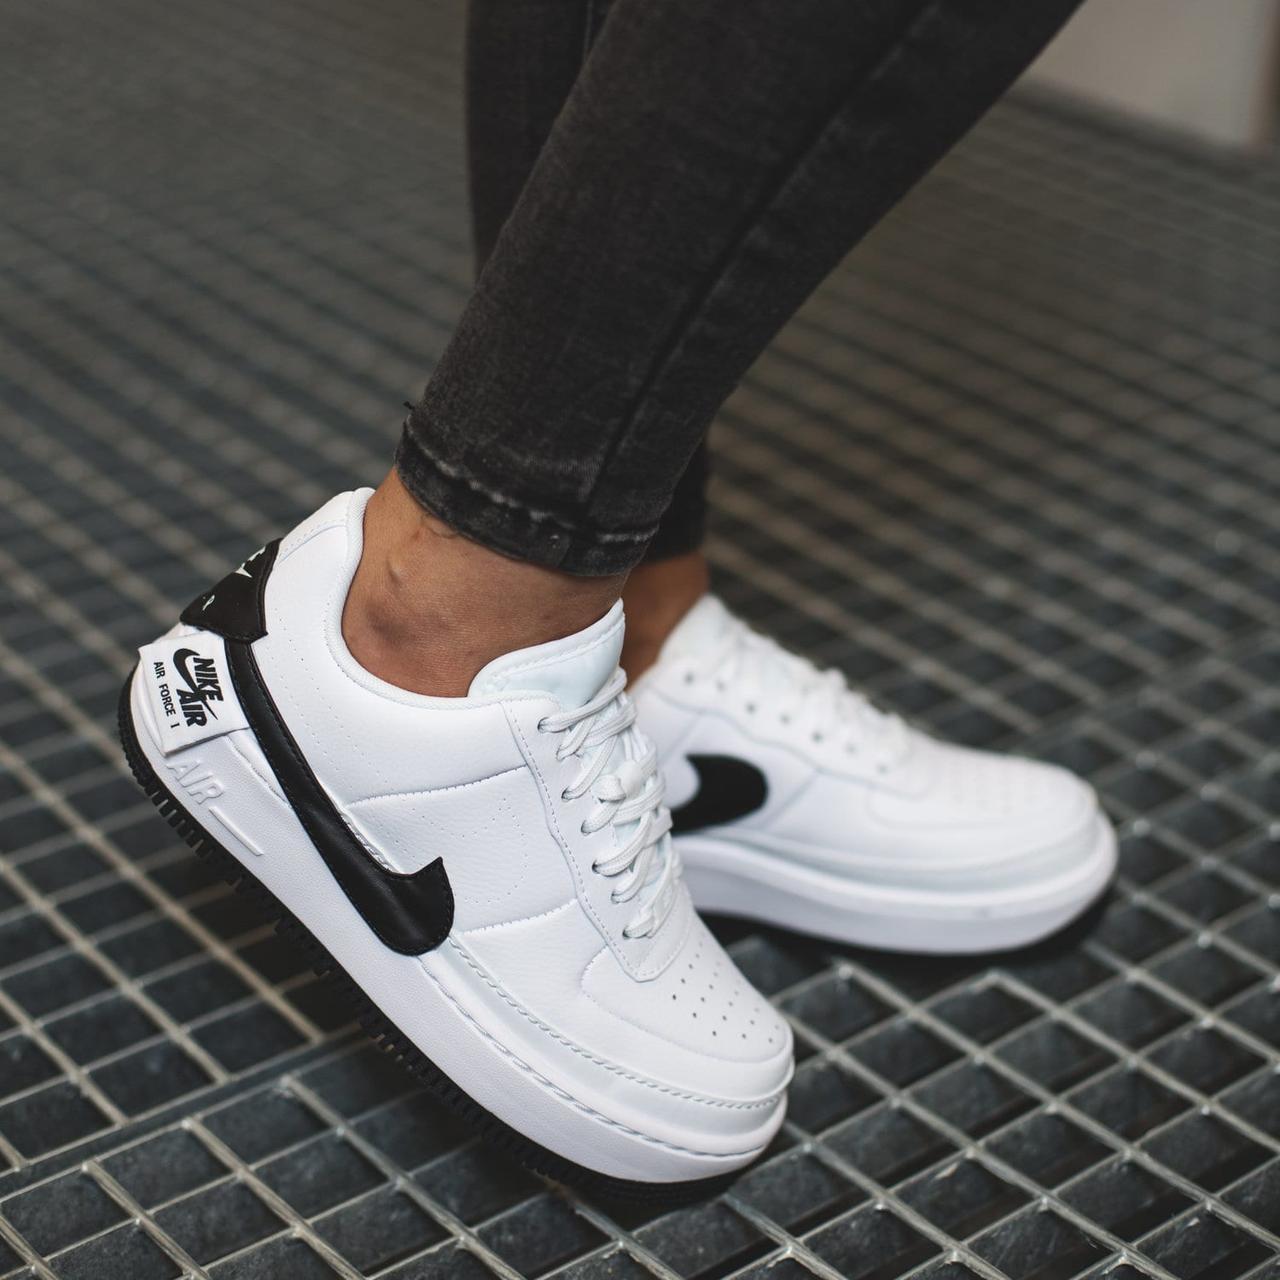 343a0f84 Оригинальные женские кроссовки Nike Air Force 1 Jester XX : продажа ...